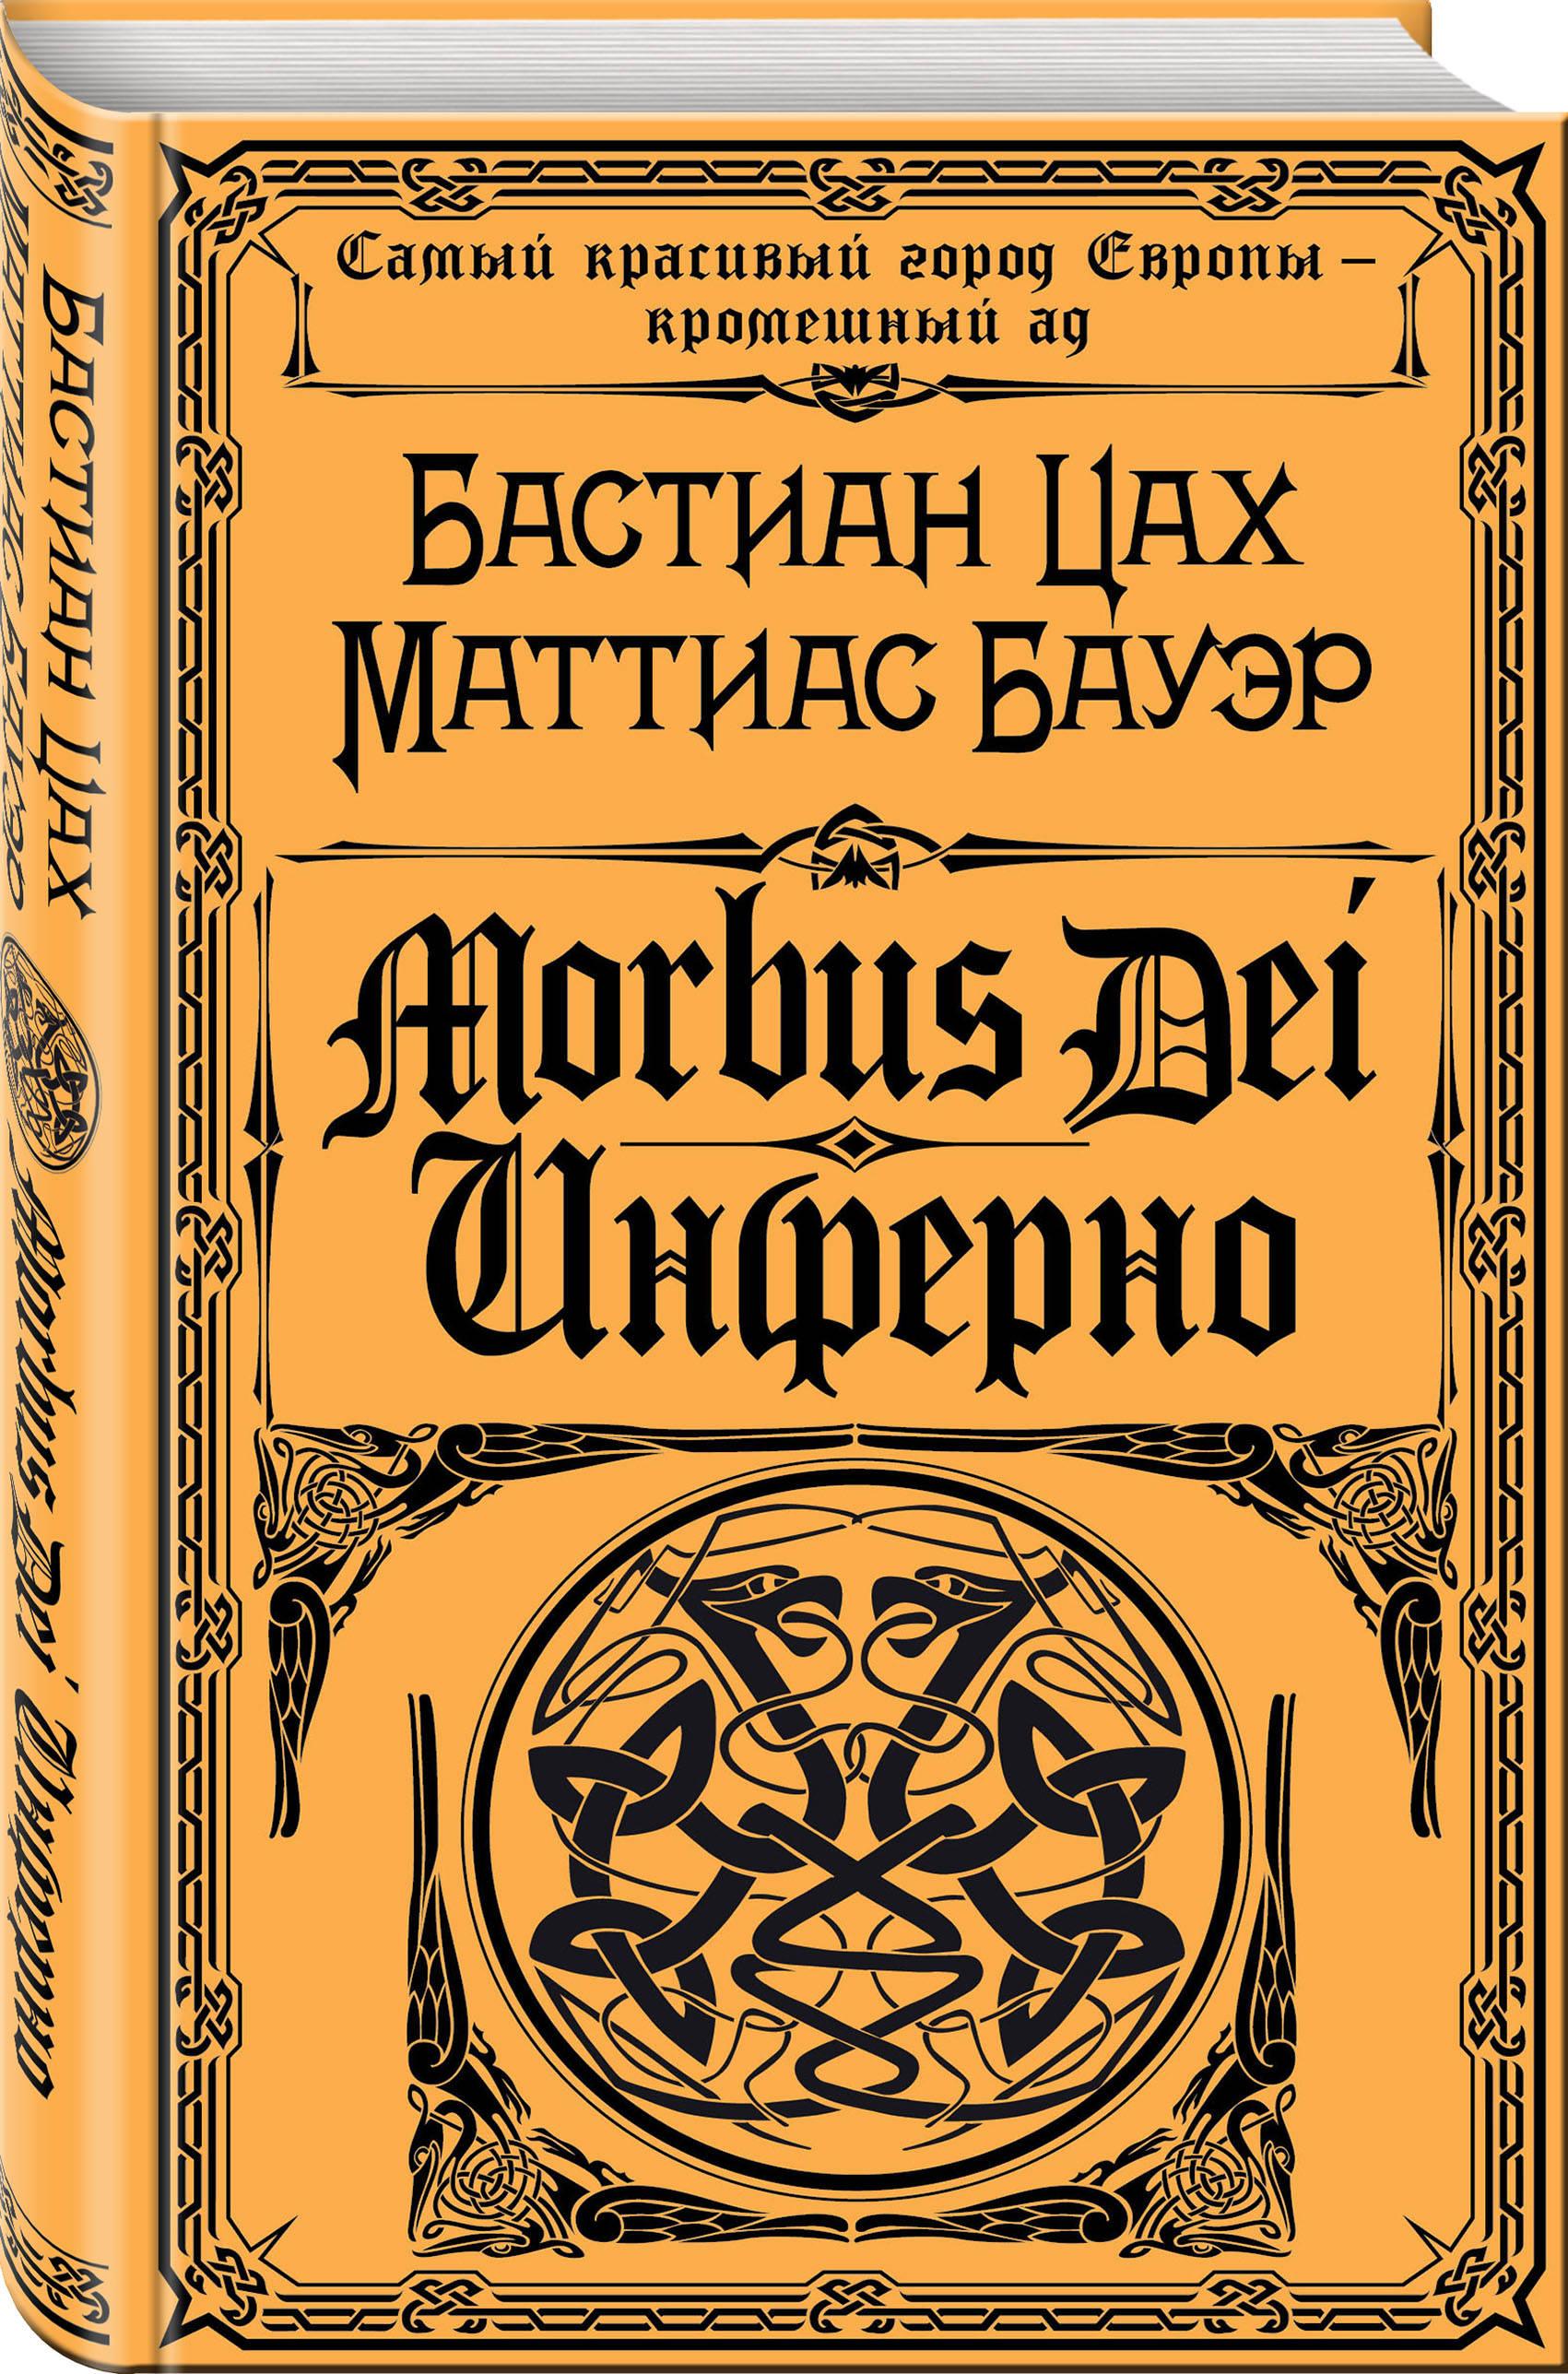 Бастиан Цах, Маттиас Бауэр Morbus Dei. Инферно